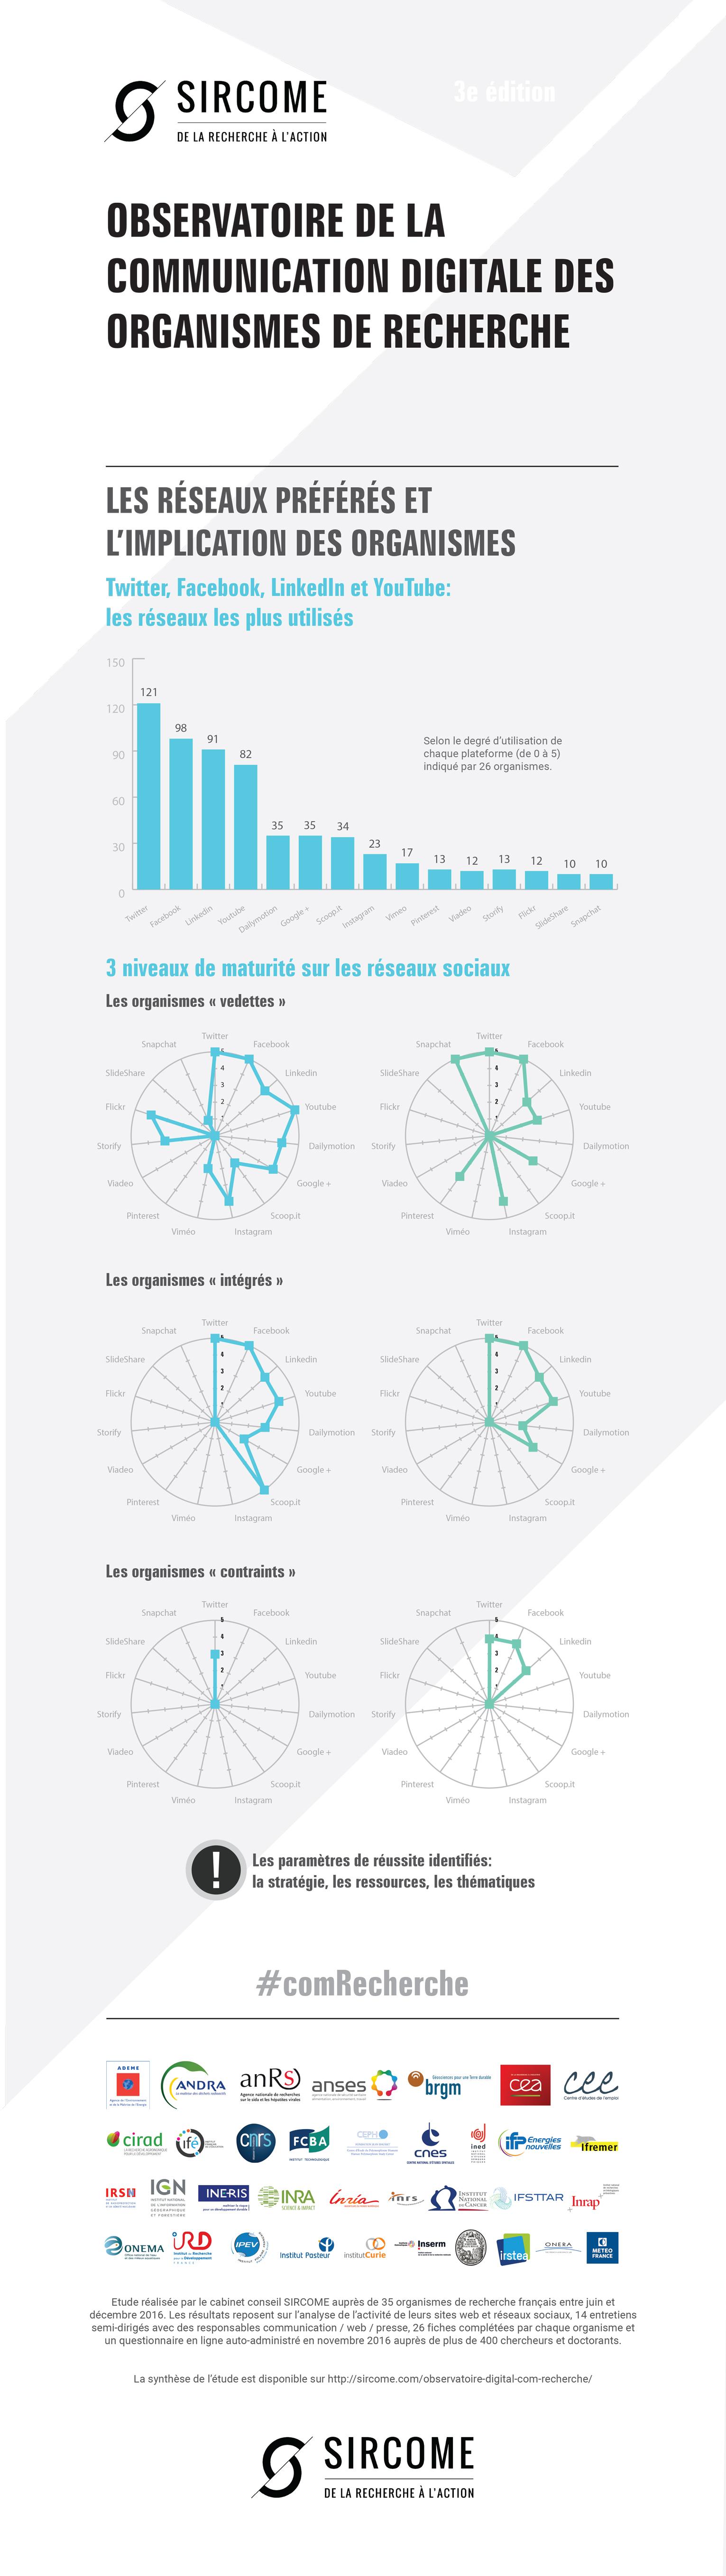 l'observatoire SIRCOME de la communication digitale des organismes de recherche. Cette étude analyse 35 organismes de recherche français et évalue le chemin parcouru depuis 2012 et 2014. En complément, un focus sur les relations entre les organismes et leurs chercheurs et salariés, sur les réseaux sociaux a été réalisé.  Copyright © Sircome En savoir plus sur http://sircome.com/comrecherche-la-strategie-pour-faire-face-aux-defis-du-secteur-de-la-recherche/